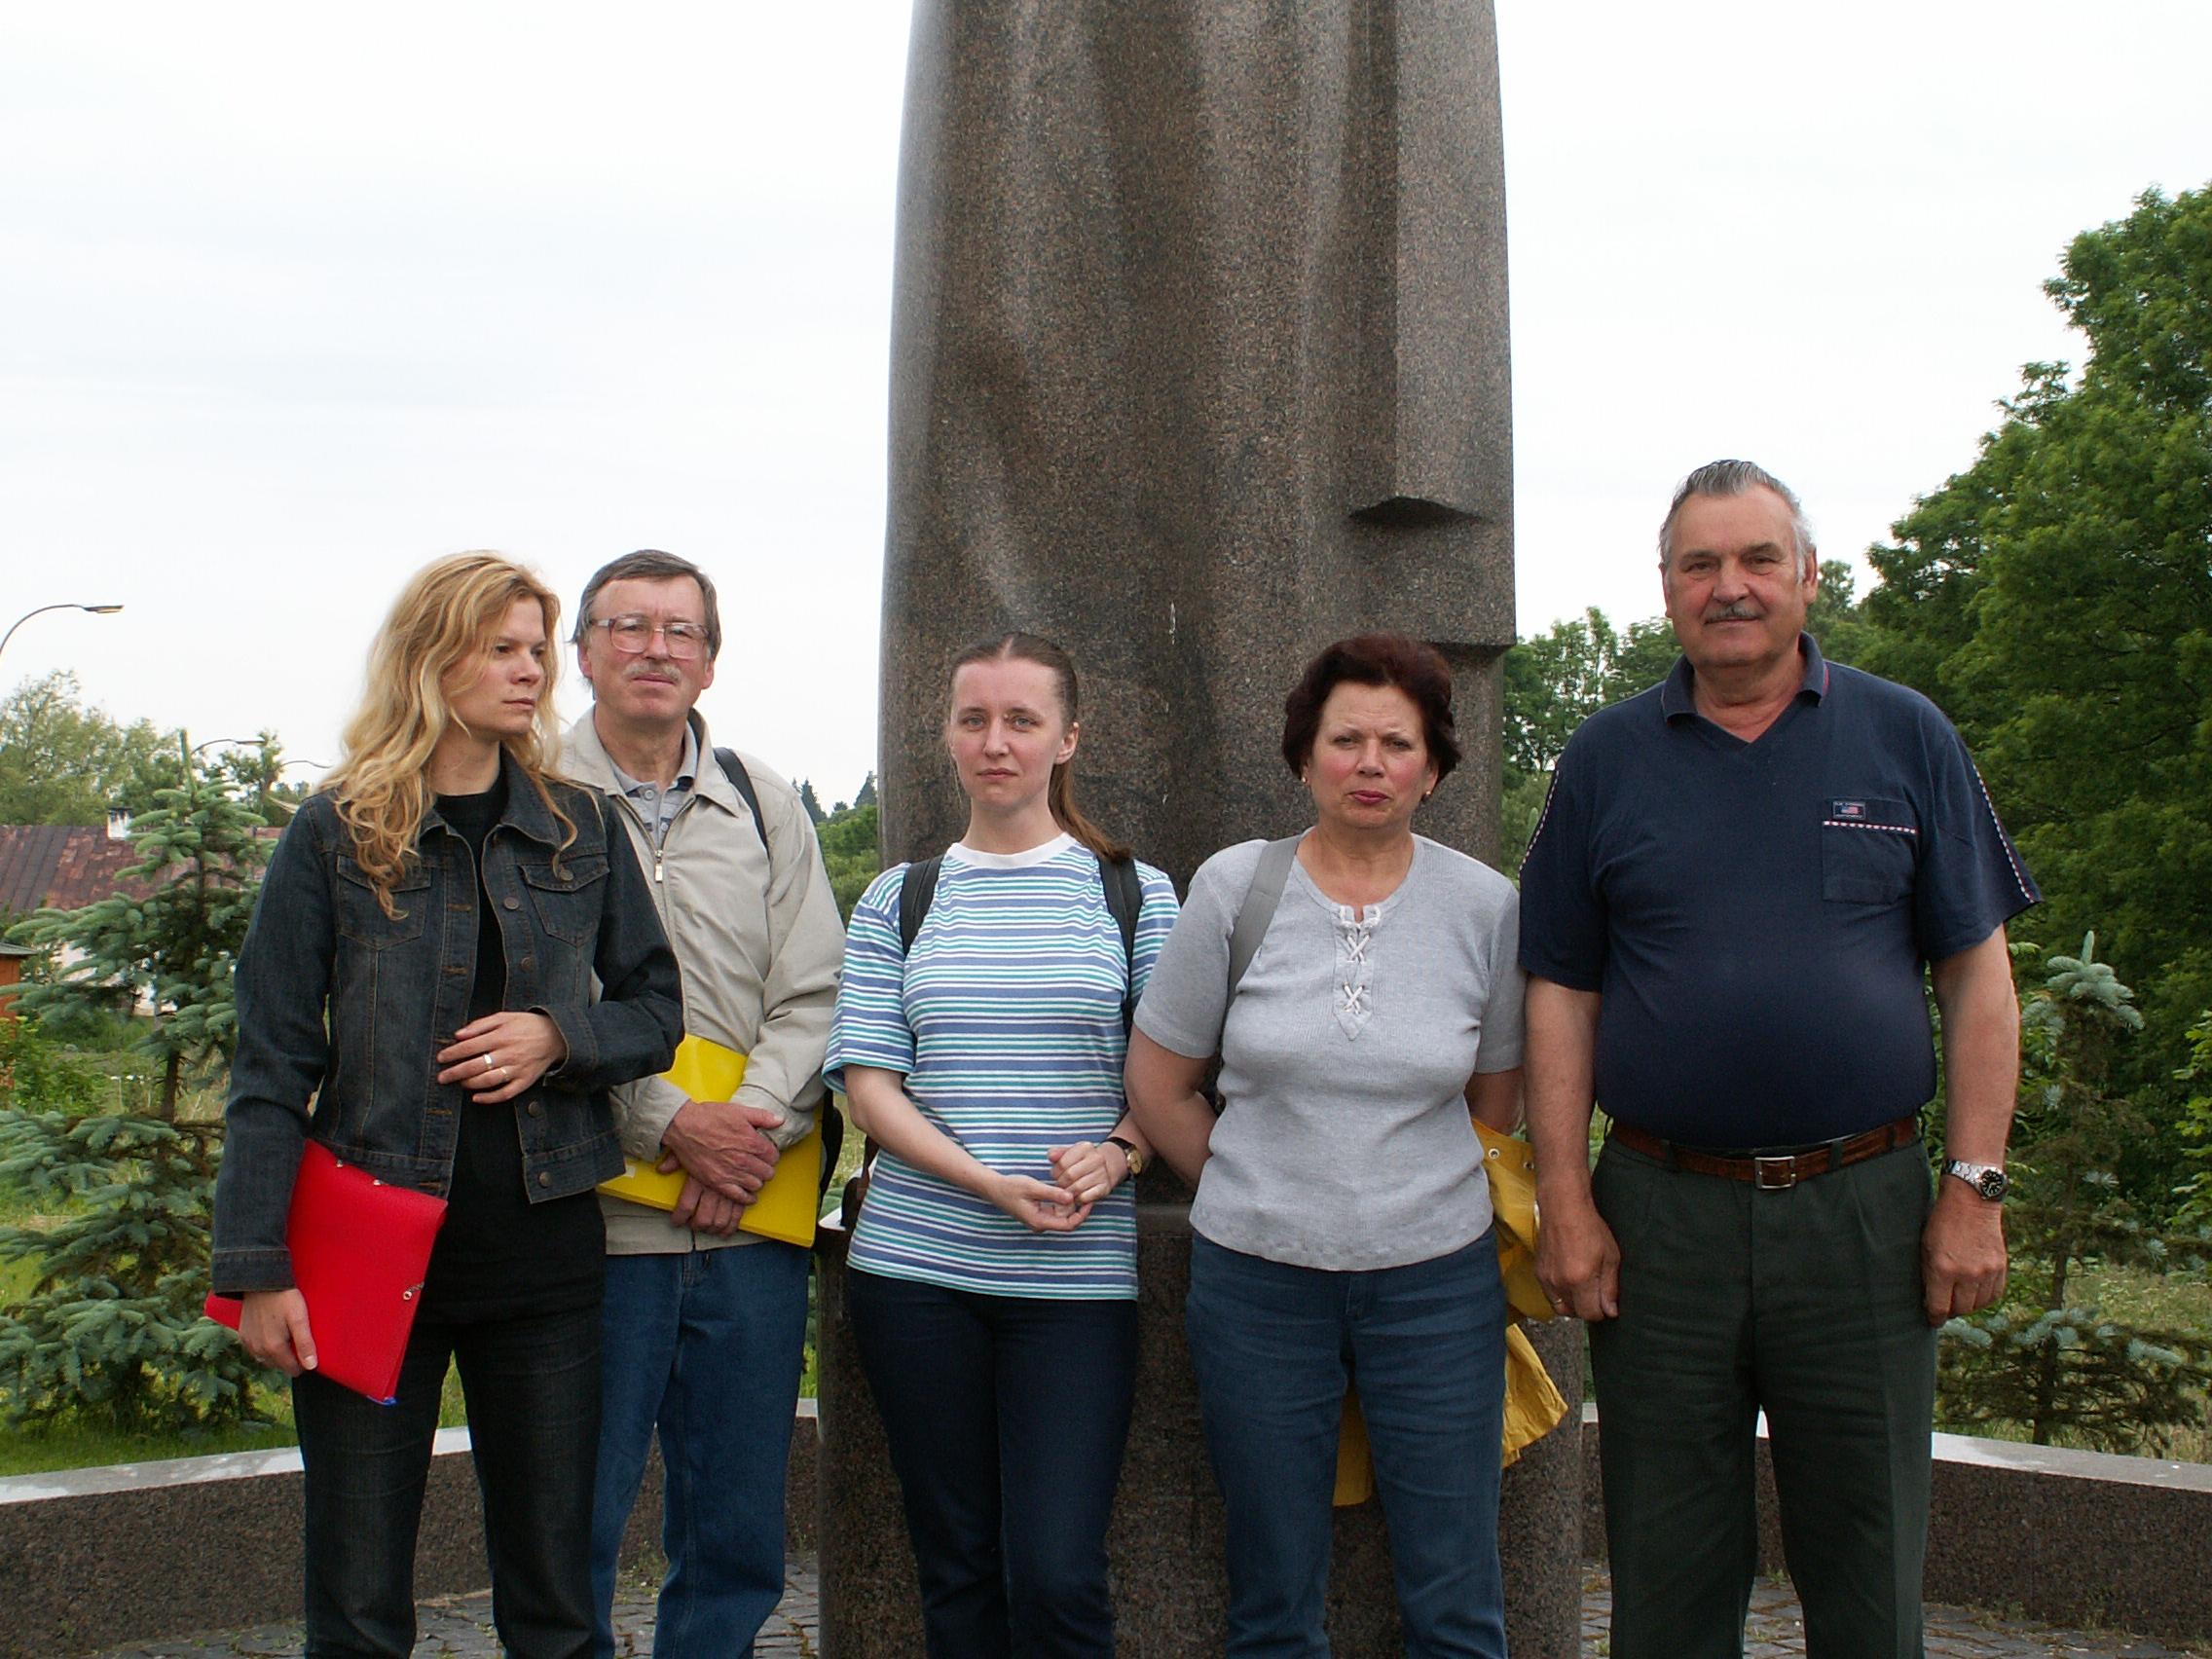 P. Kalnius su kolegomis (iš kairės: laborantė Asta Valinskaitė-Buinevičienė, dr. Petras Kalnius, doktorantė Danguolė Svidinskaitė, dailininkė Rita Butvilienė, vairuotojas Stanislovas Kvakšys) ekspedicijoje Seinuose (prie paminklo A. Baranauskui ). 2005 m.   Ž. Šaknio nuotrauka